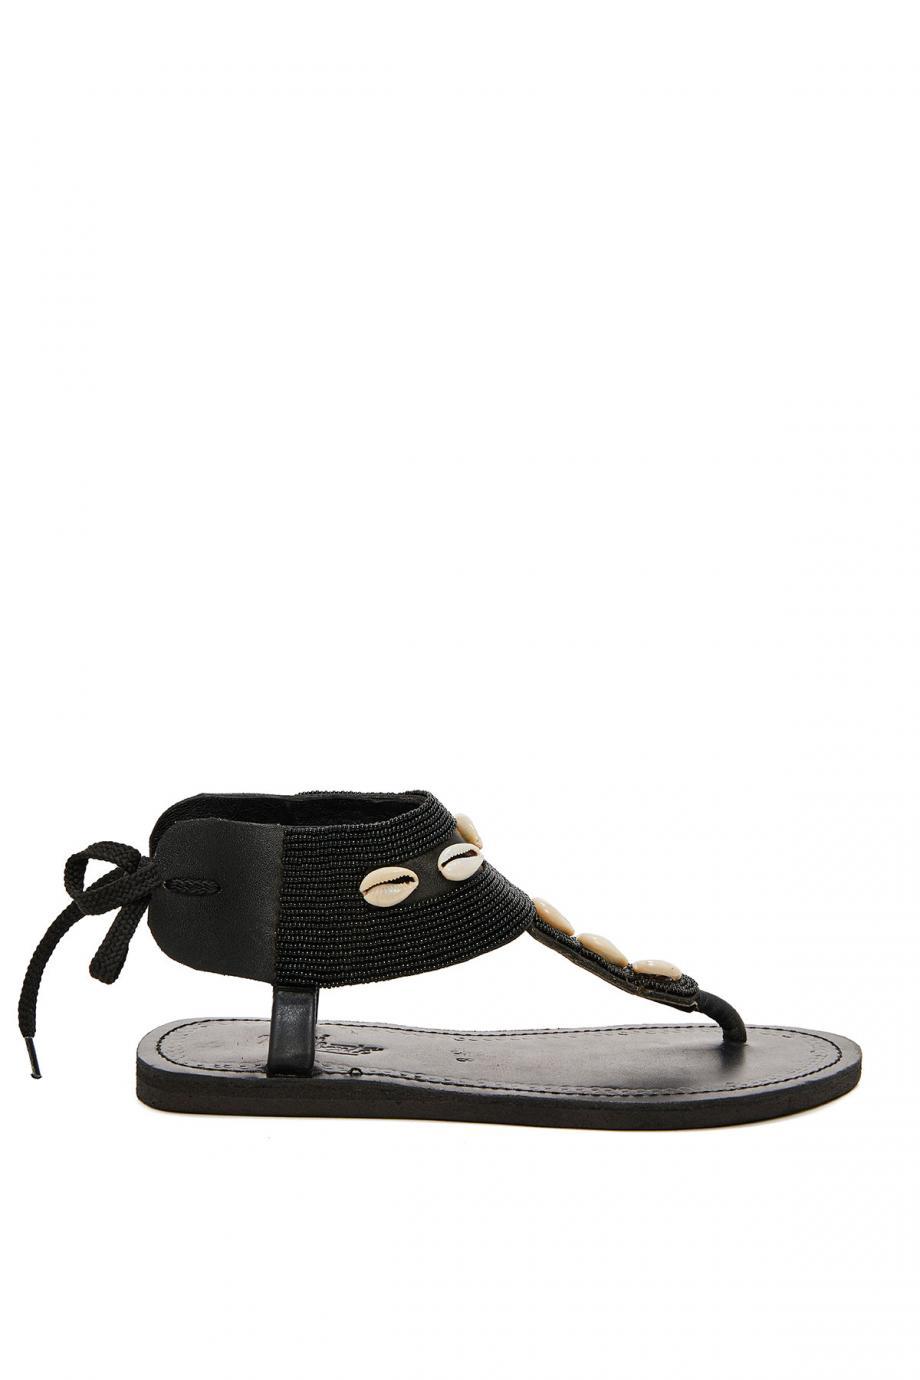 Massai shell sandals